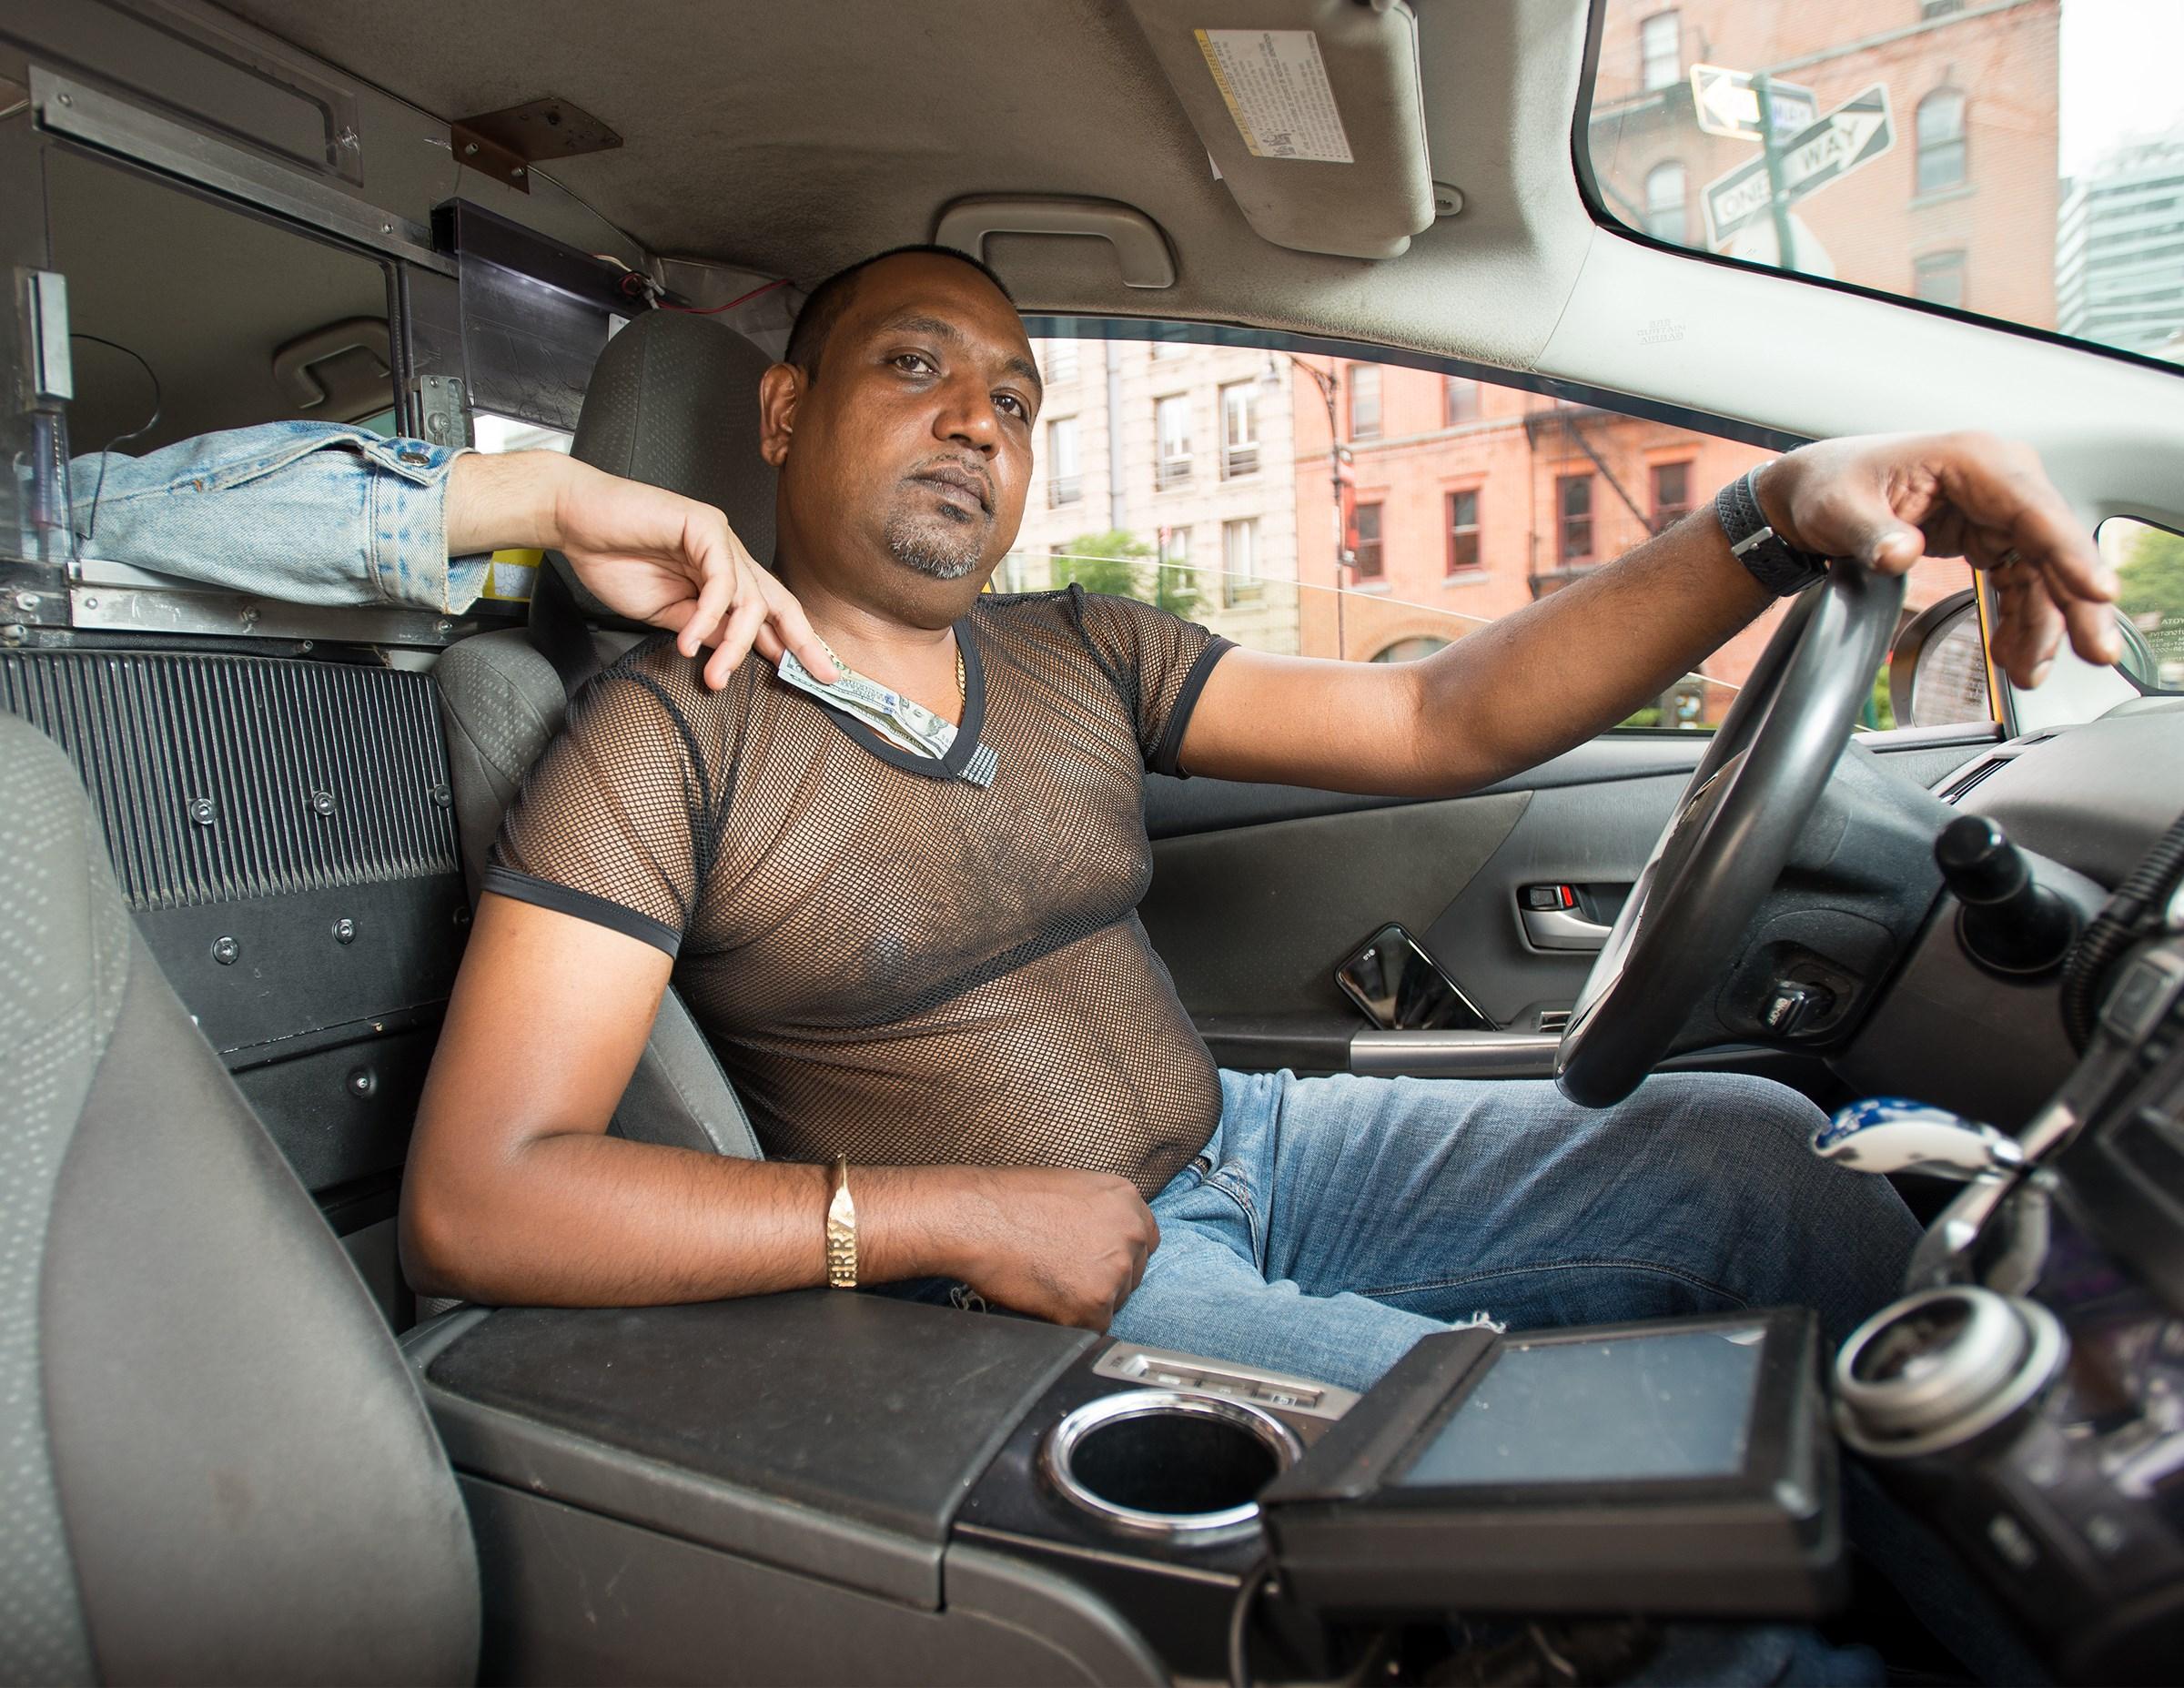 Сосущие телки в такси, После вечера с подружками тёлочка заказывает такси 16 фотография